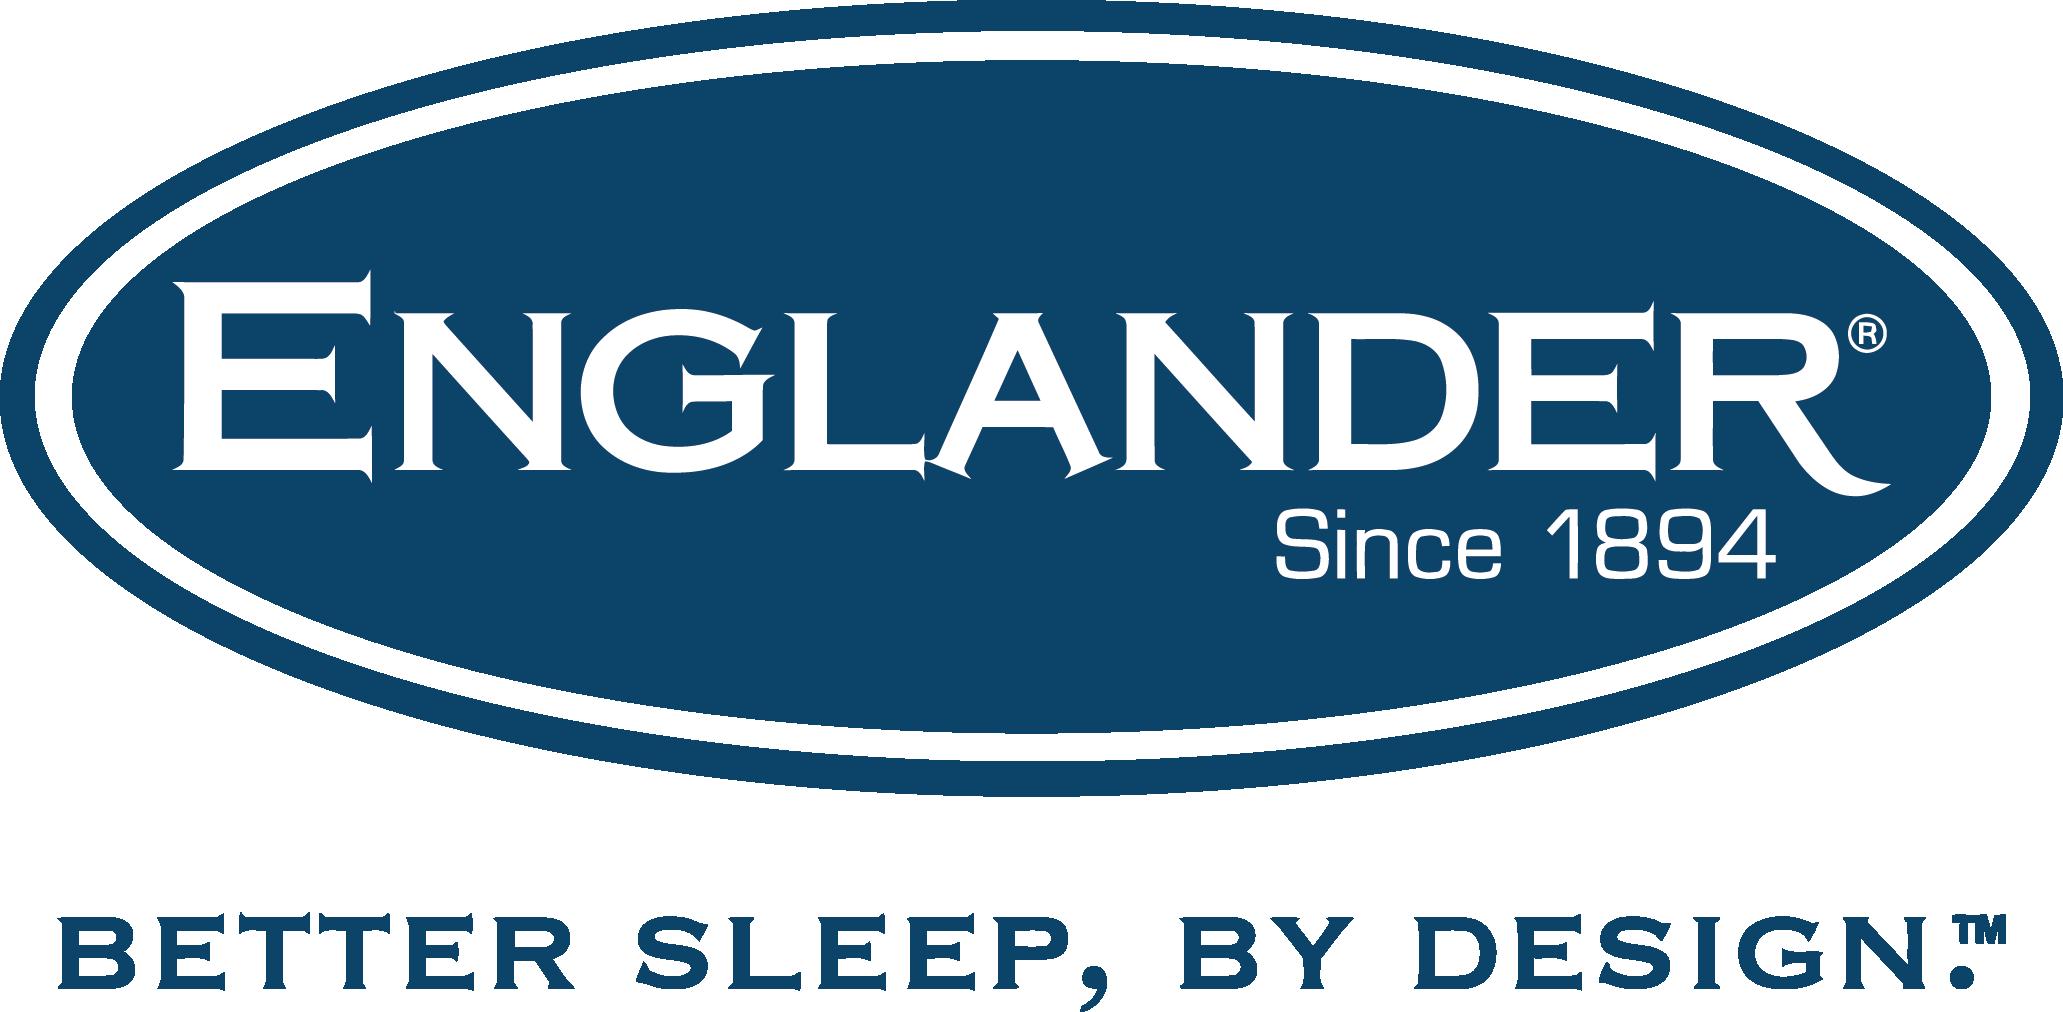 englander-logo.png